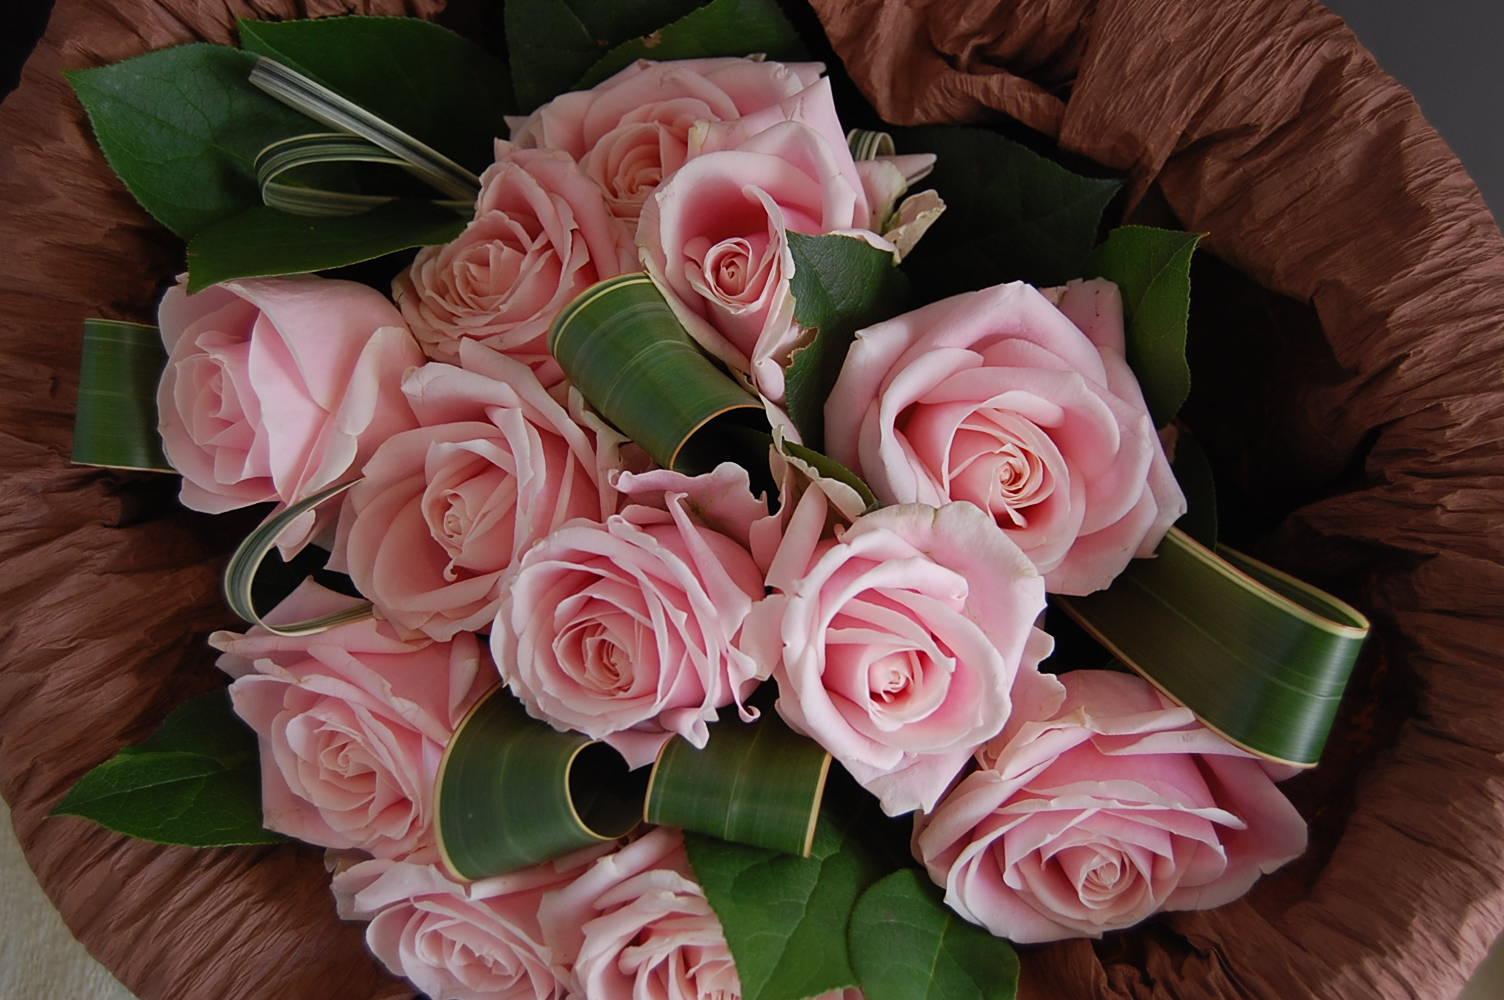 「フラワーバレンタイン」 2/1 TBCウォッチン!みやぎ 放映です_e0159798_10533834.jpg